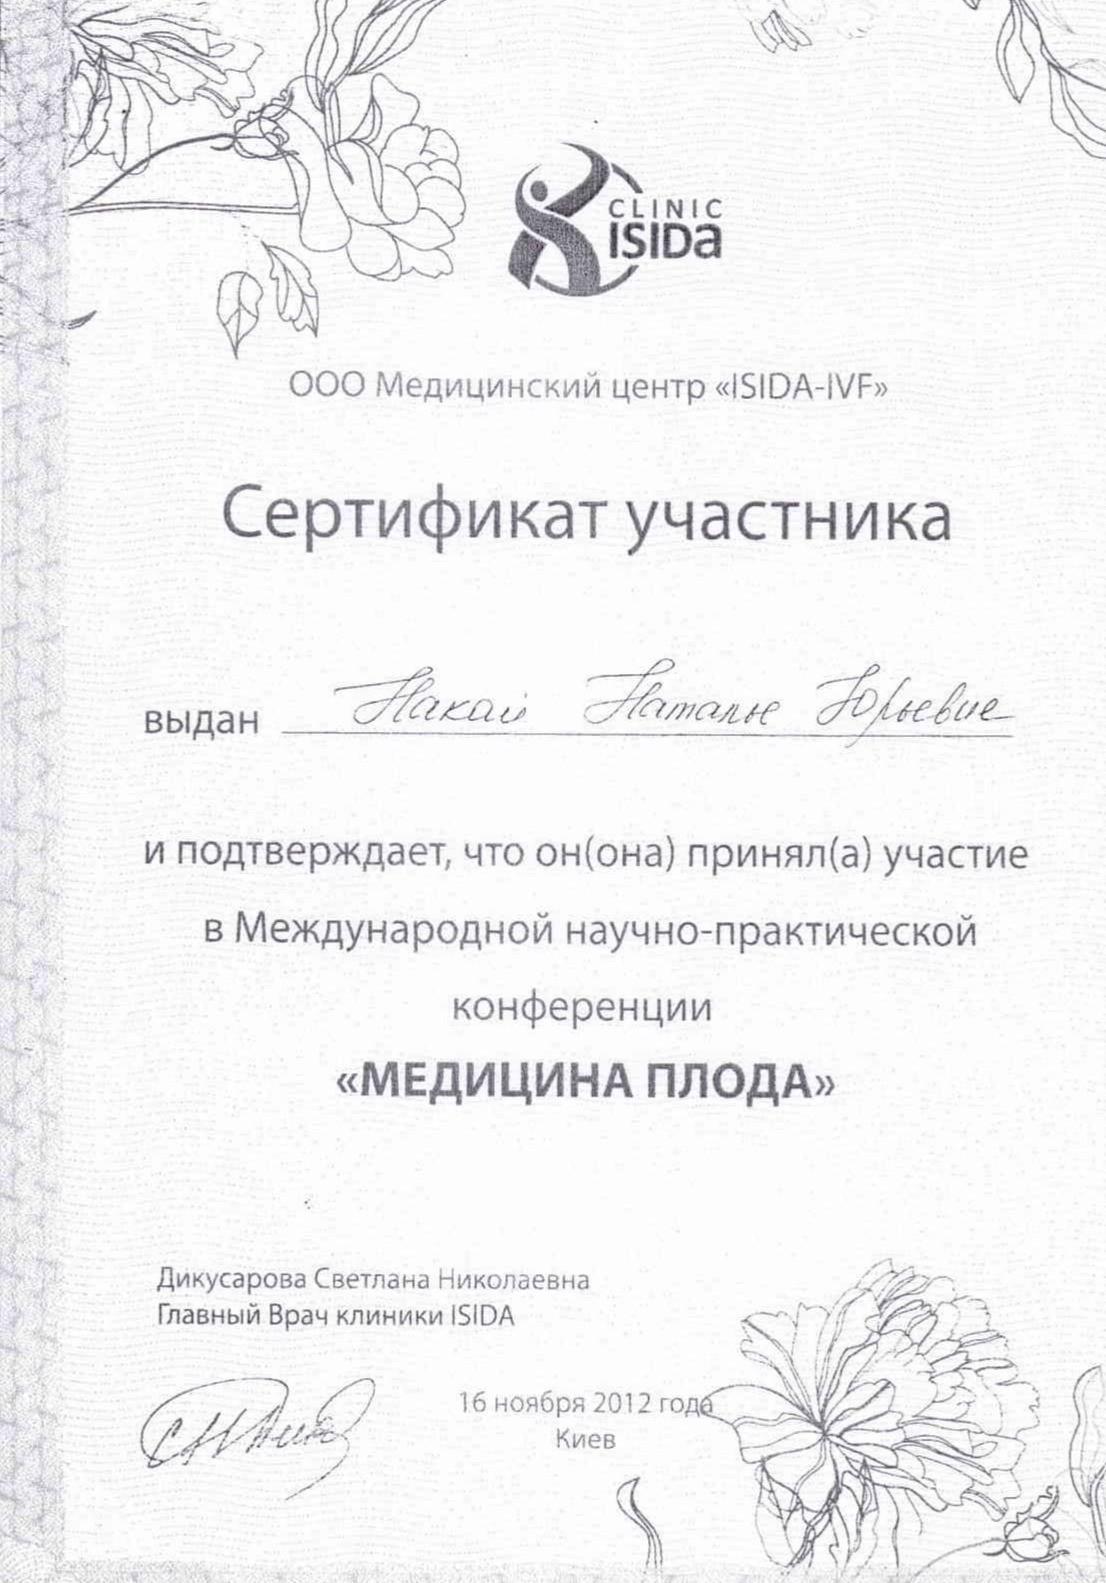 Сертификат об участии в международной научно-практической конференции Медицина плода